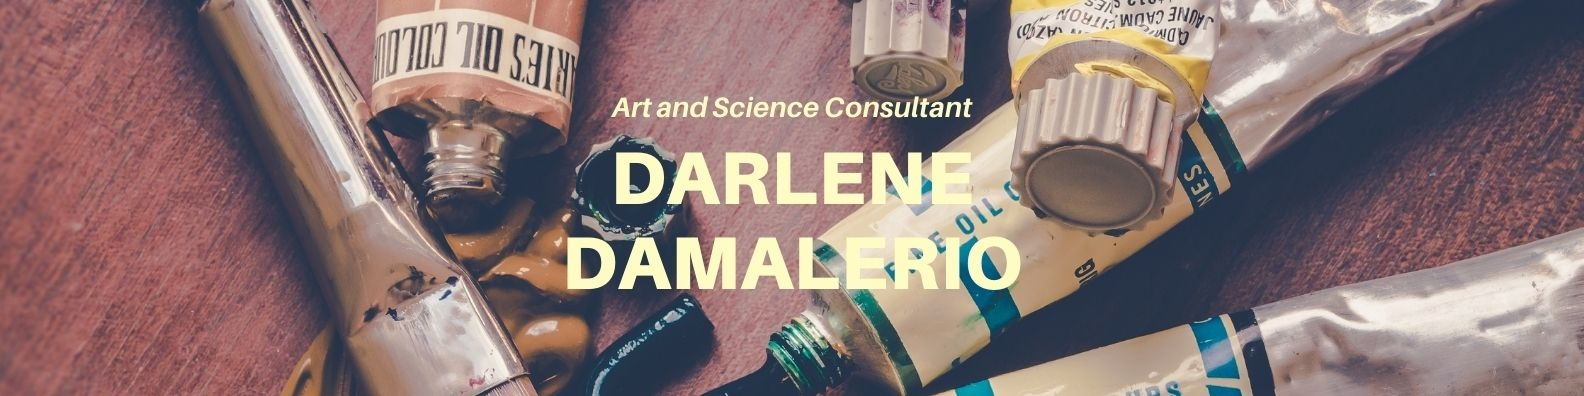 Darlene Josephine (@darlenedamalerio) Cover Image